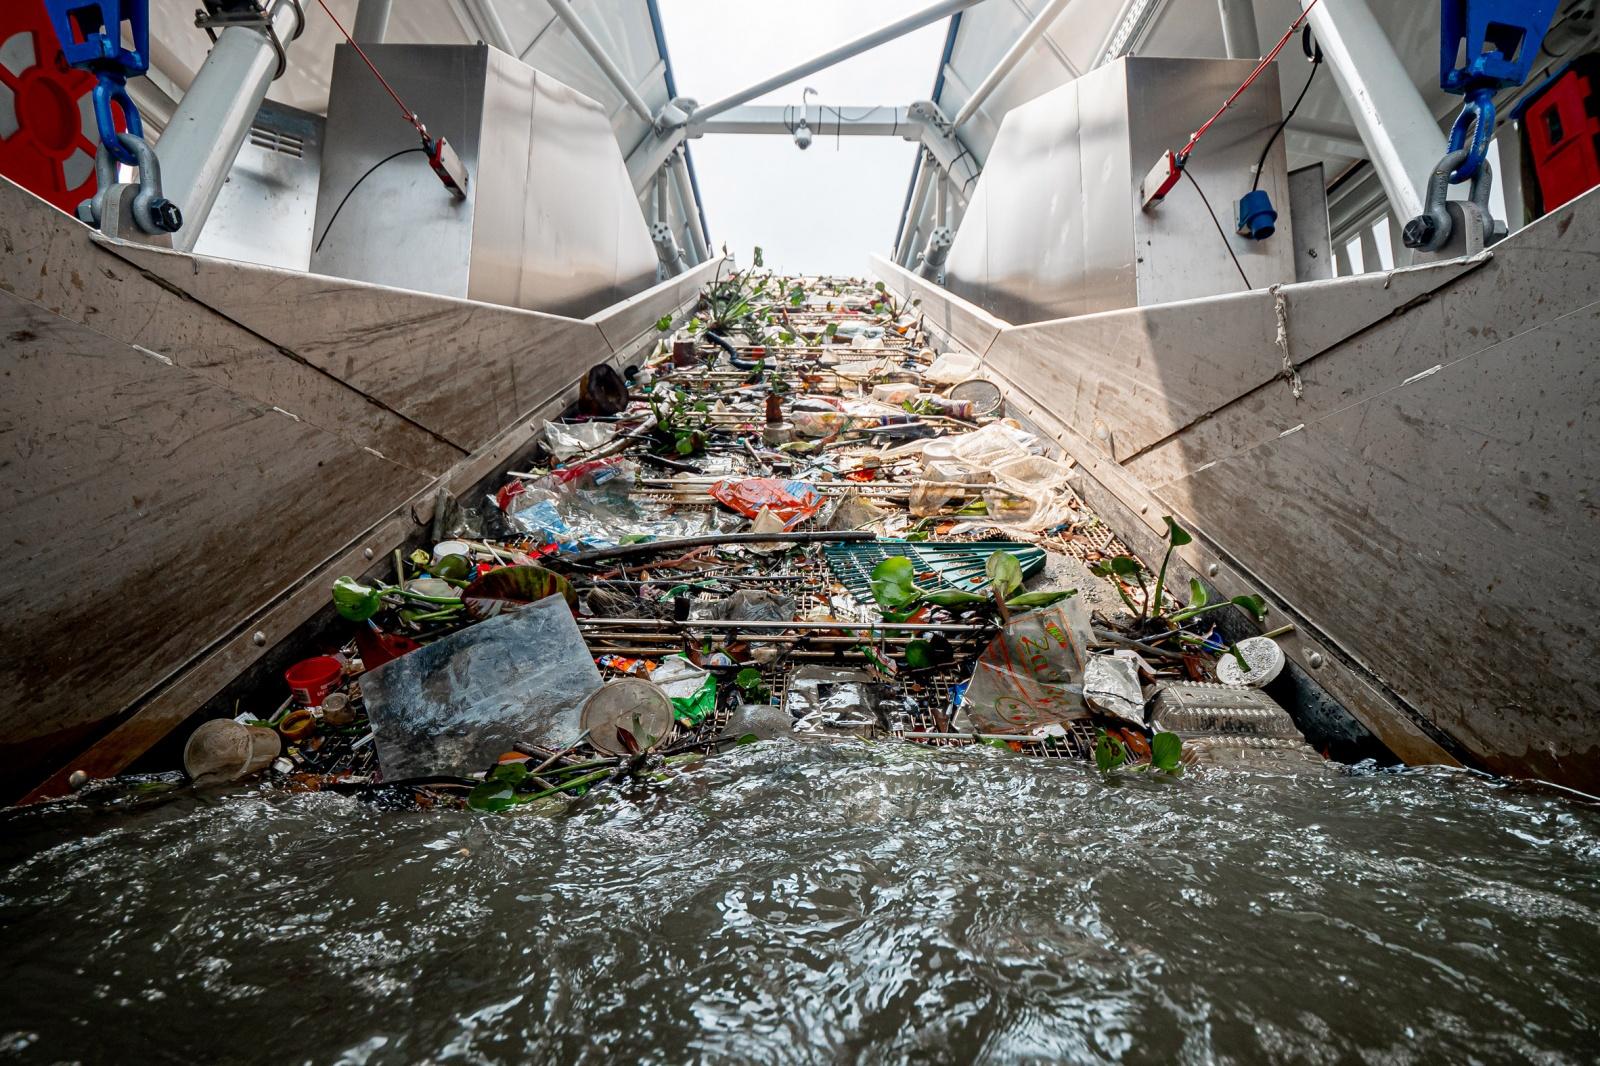 Представлена программа очистки мировых рек от мусора - 10